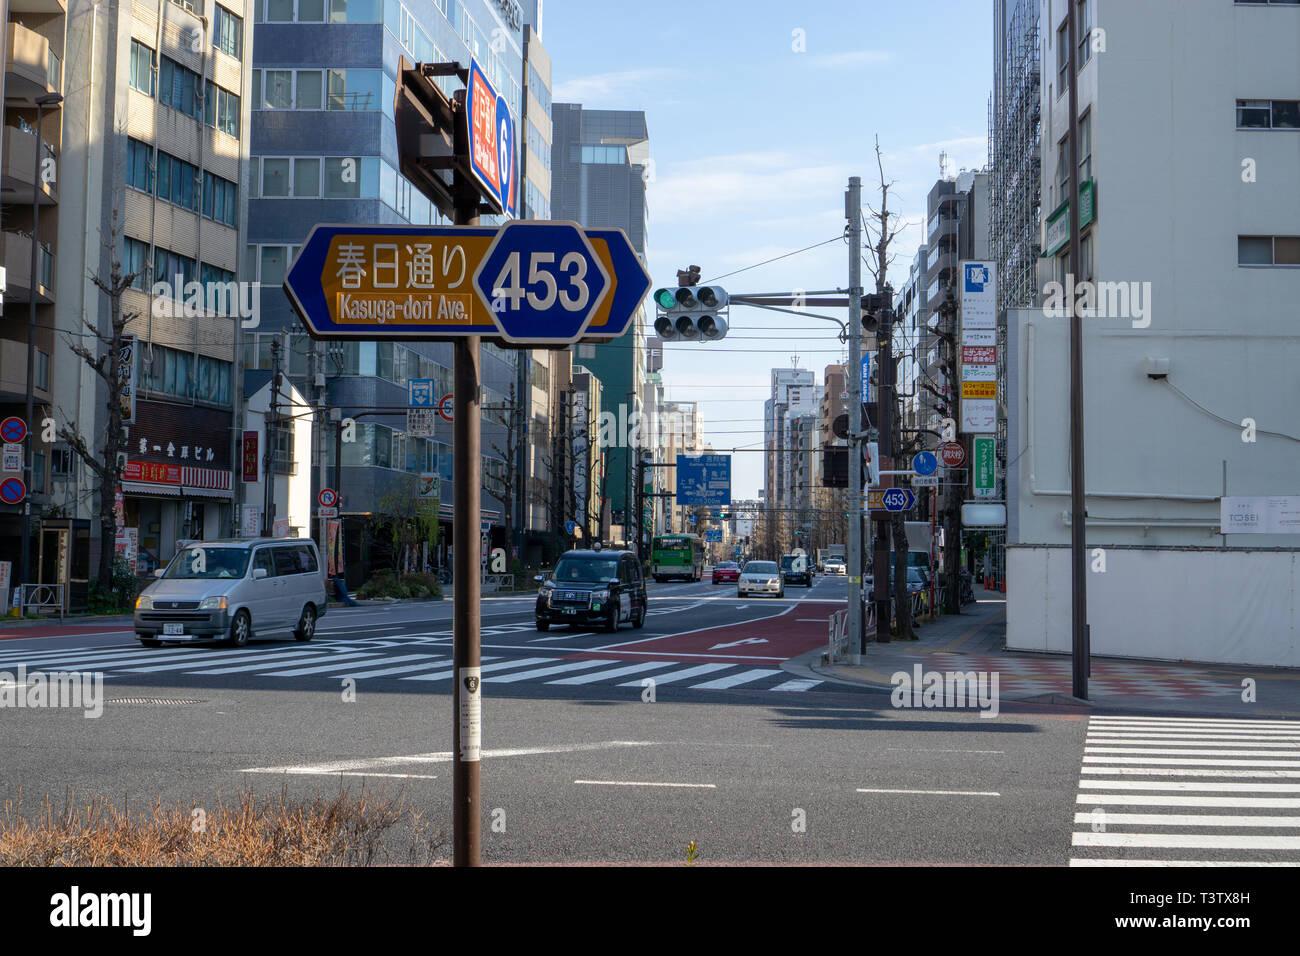 Mi è piaciuto esplorare meno turistica aree di Asakusa per raccoglierne barlumi nella vita di tutti i giorni e meno esplorati e fotografati parti di Asakusa a Tokyo. Immagini Stock